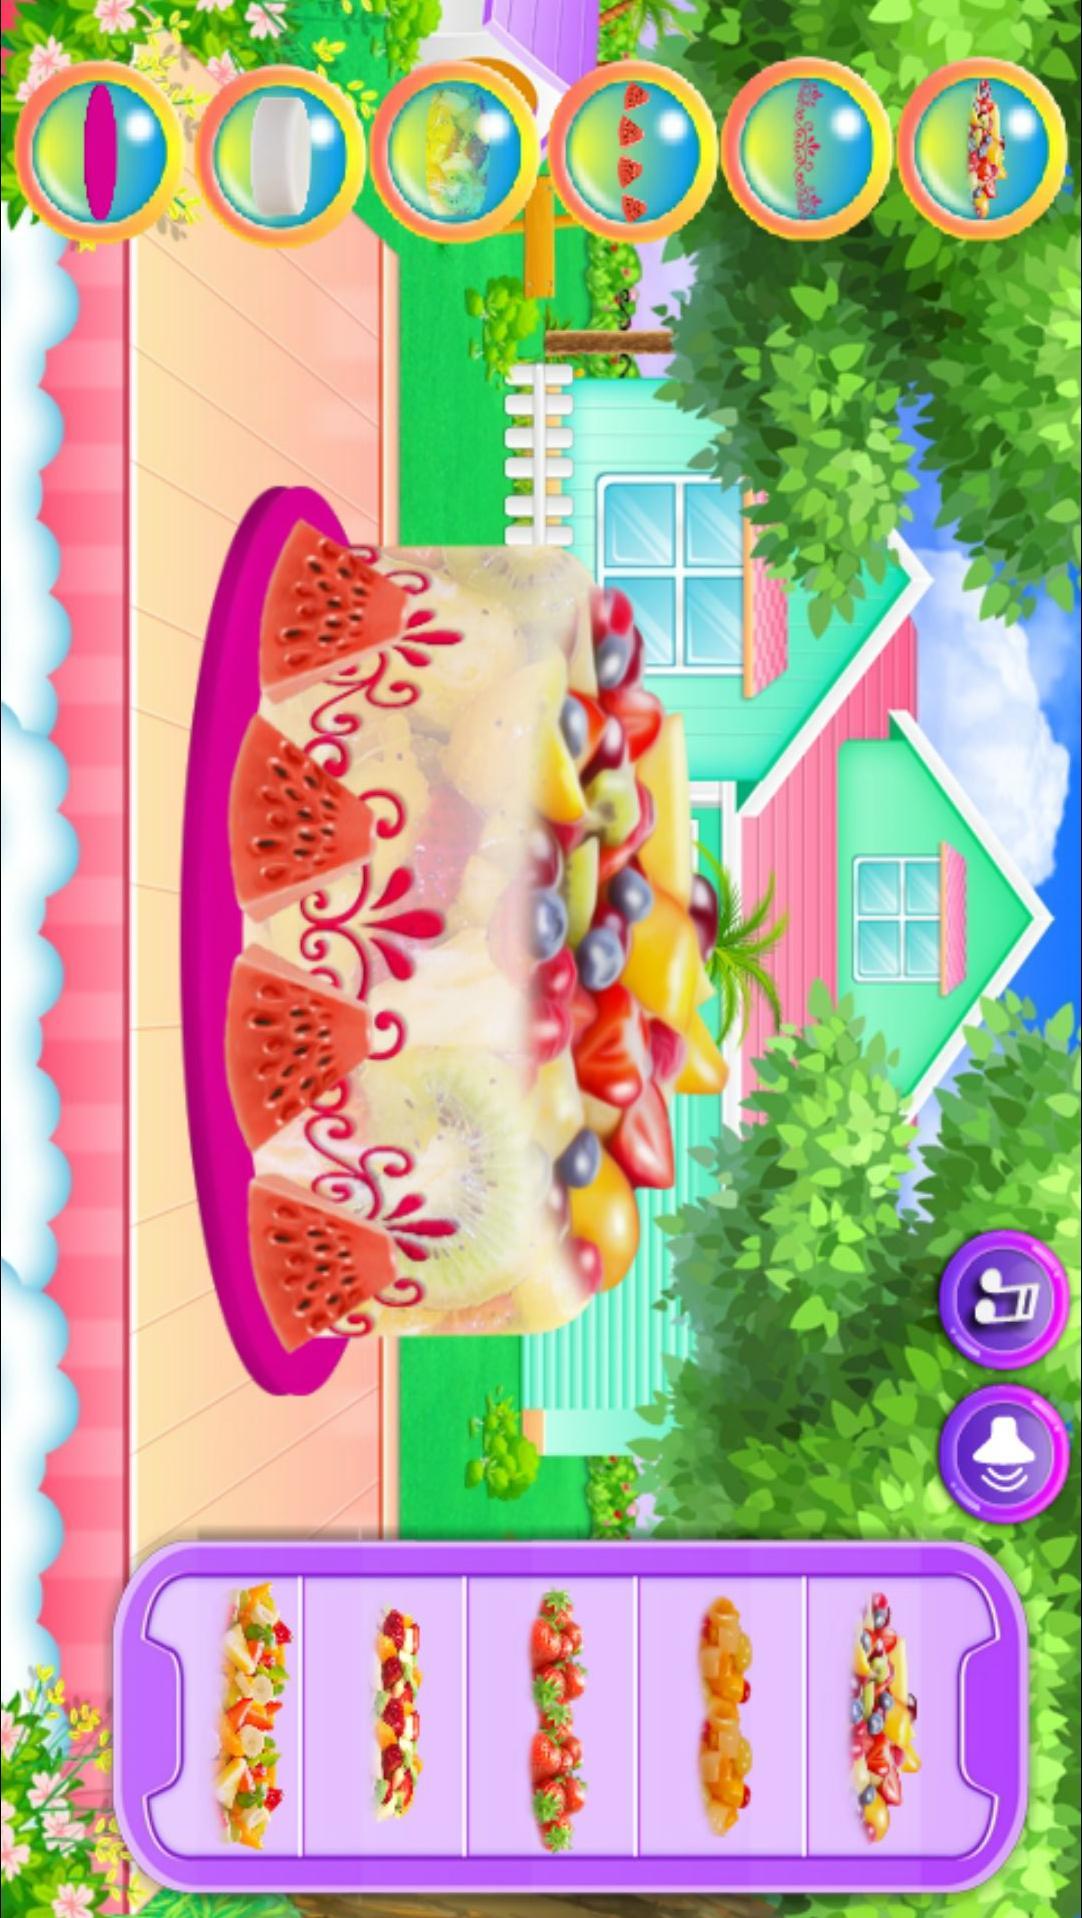 水果冰淇淋蛋糕烹饪 APP截图